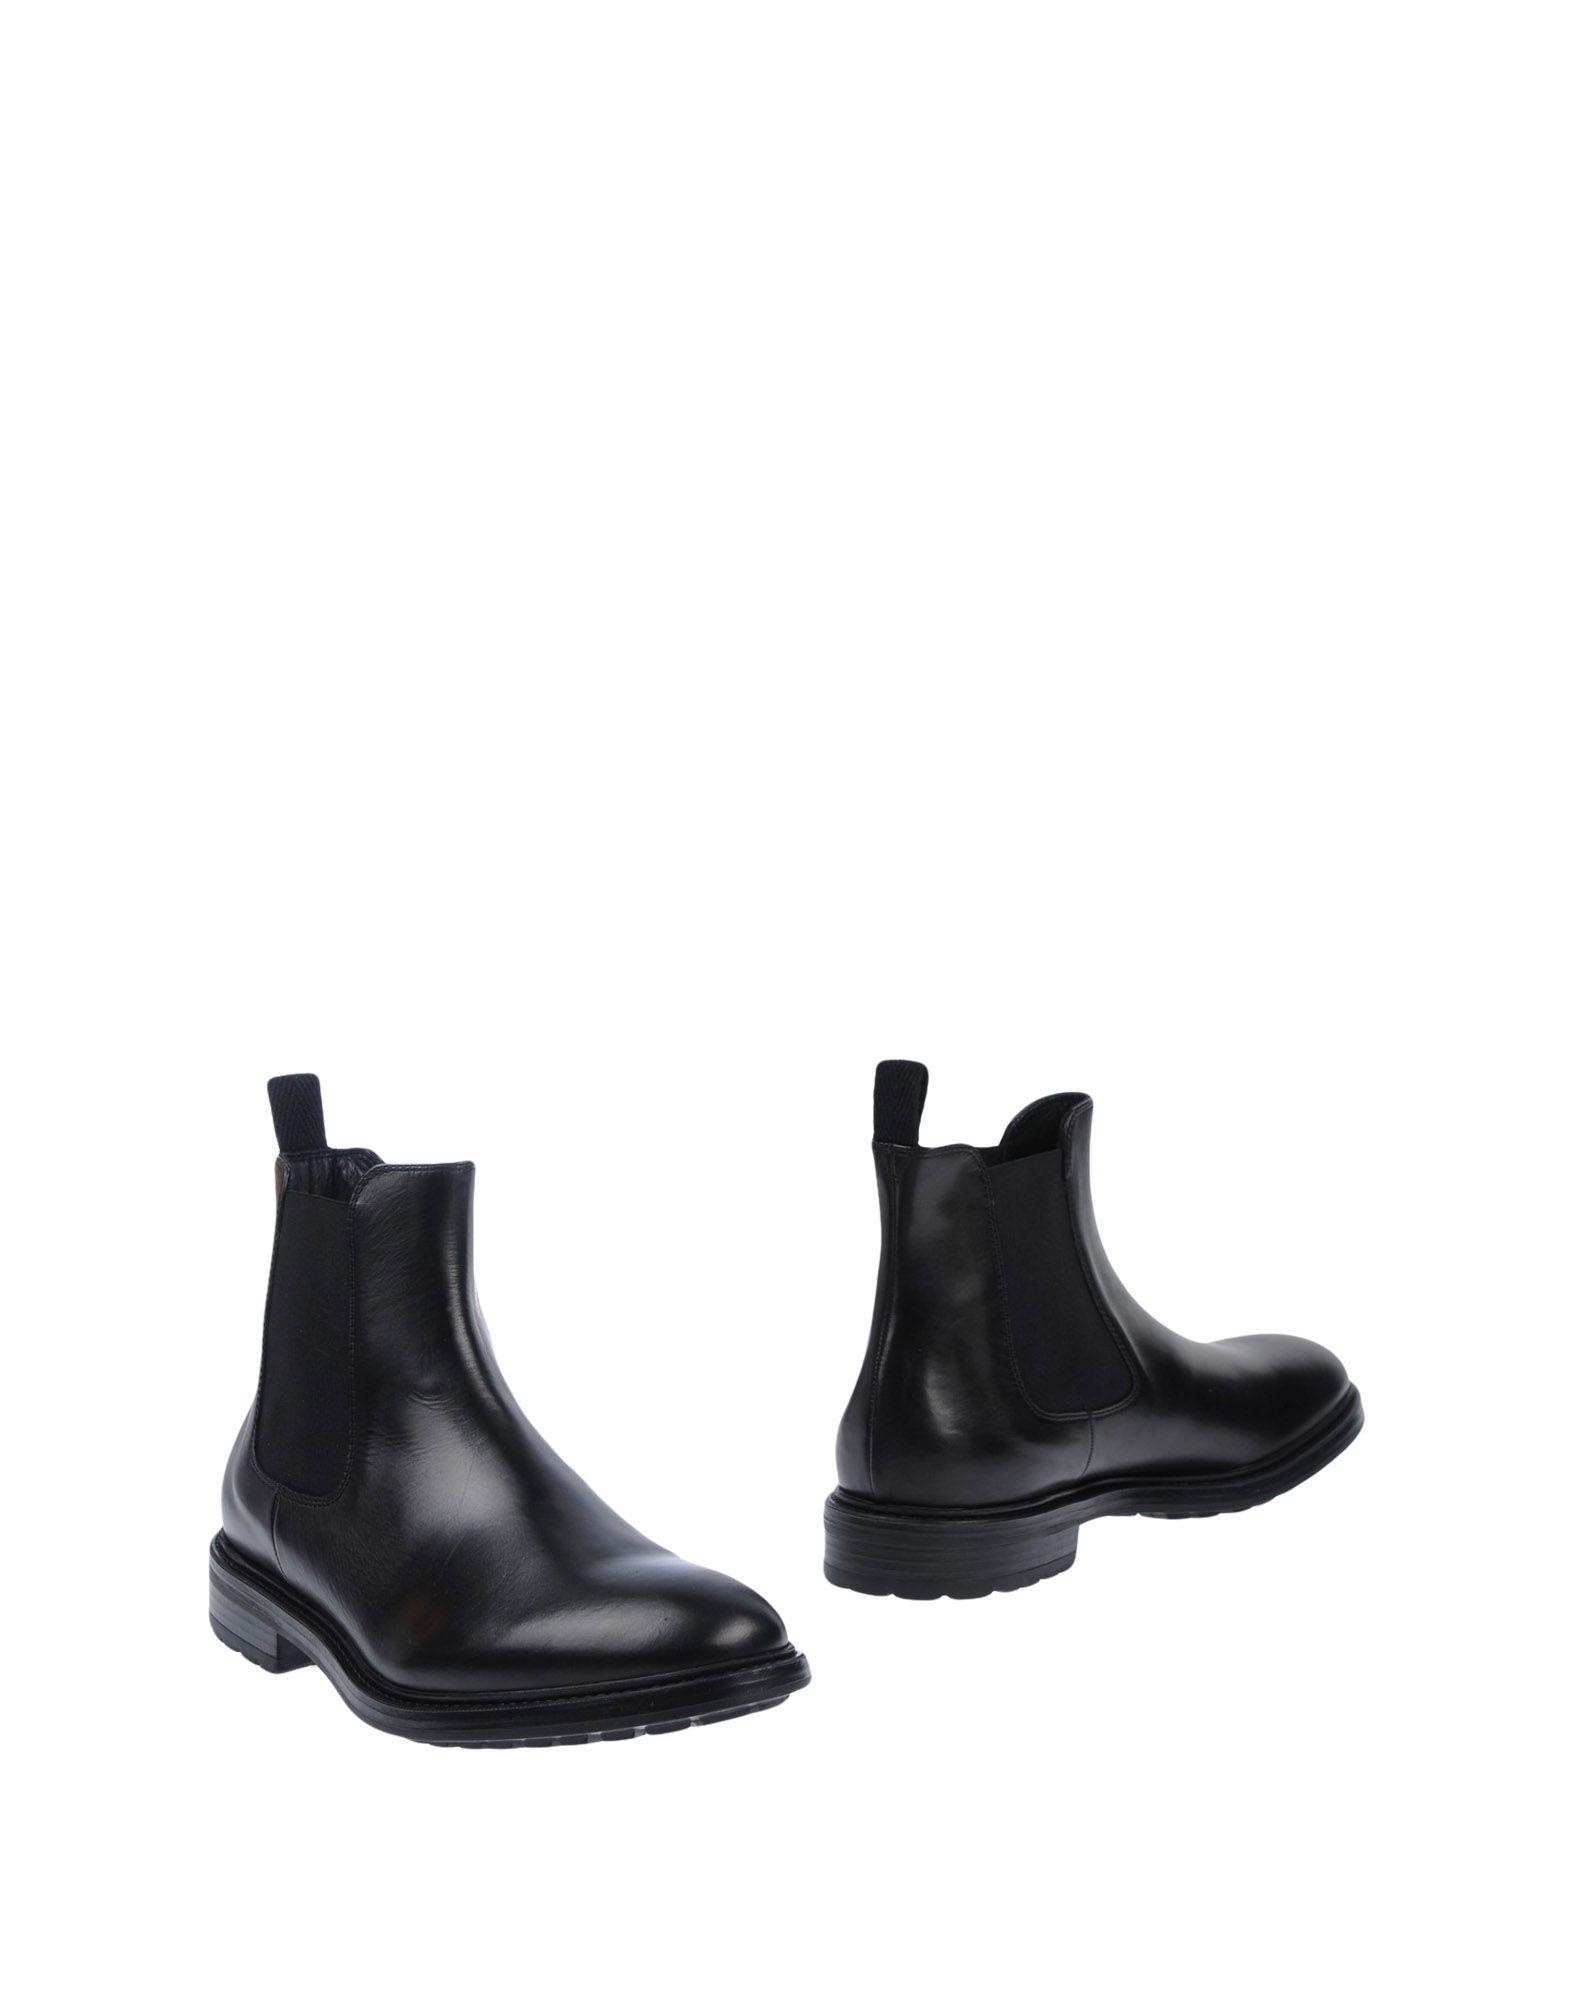 Bottine Doucal's Homme - Bottines Doucal's  Noir Remise de marque